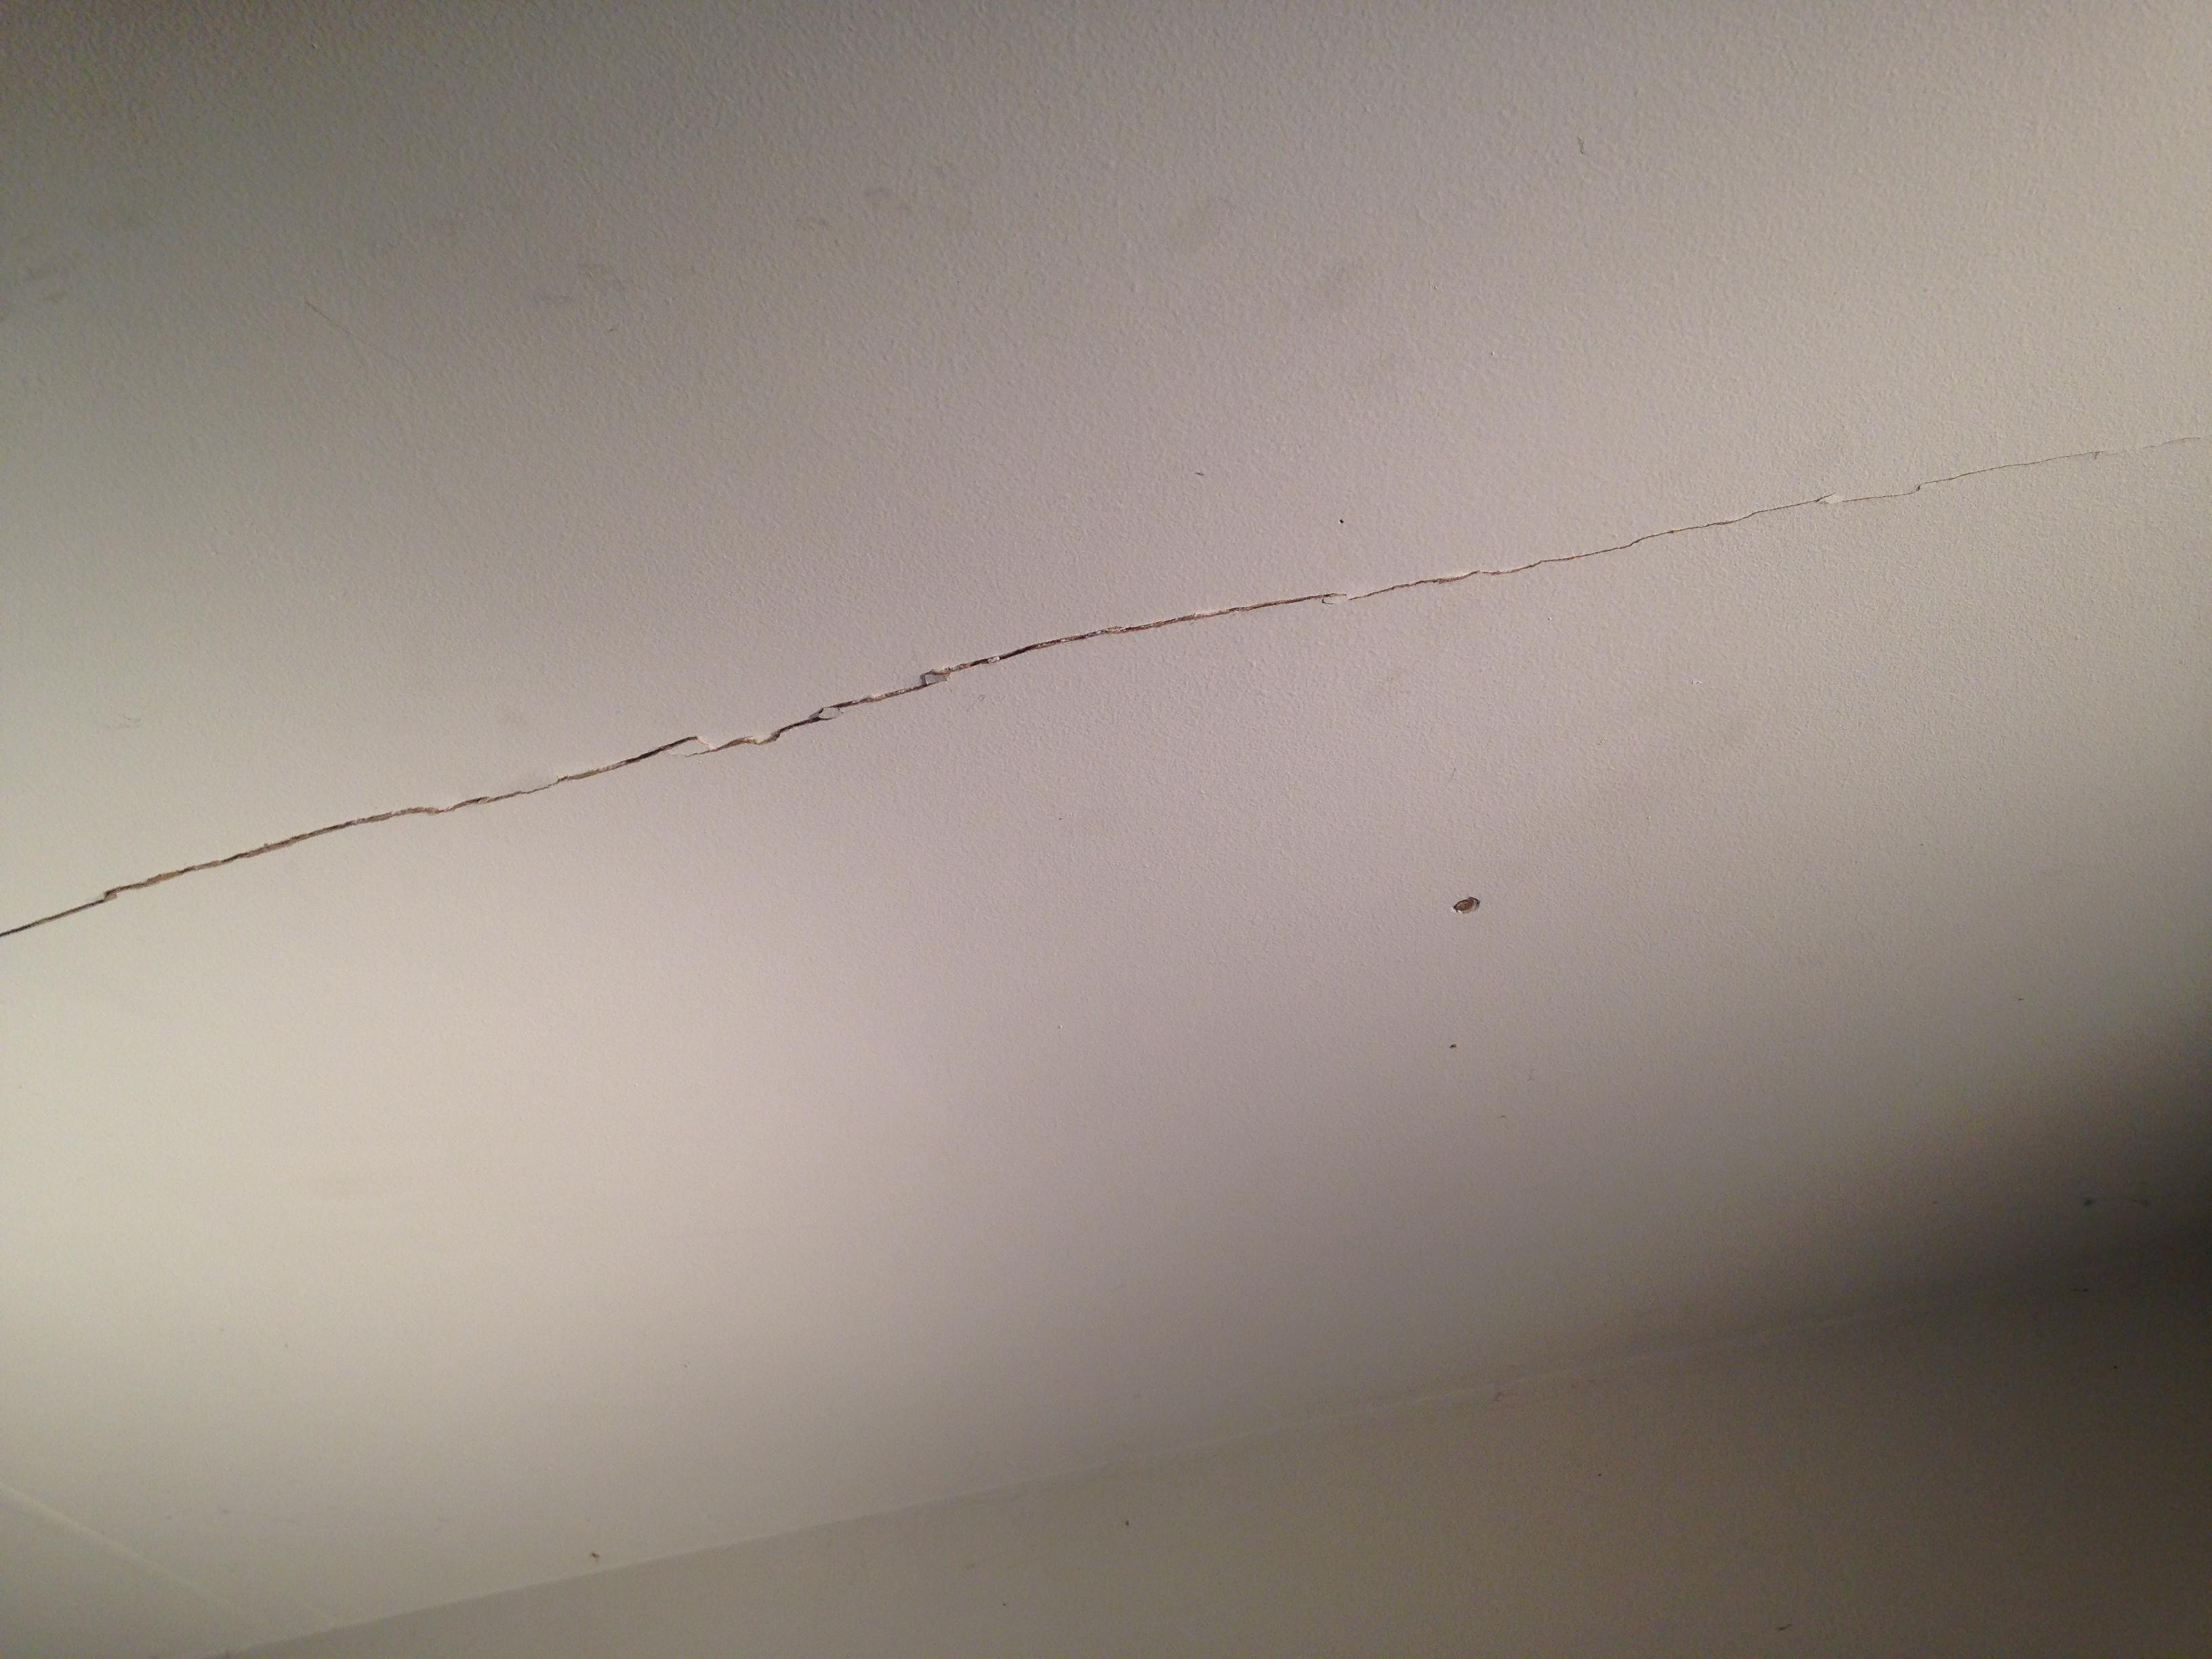 Superficial Drywall Ceiling Crack Repair Ifixit Repair Guide